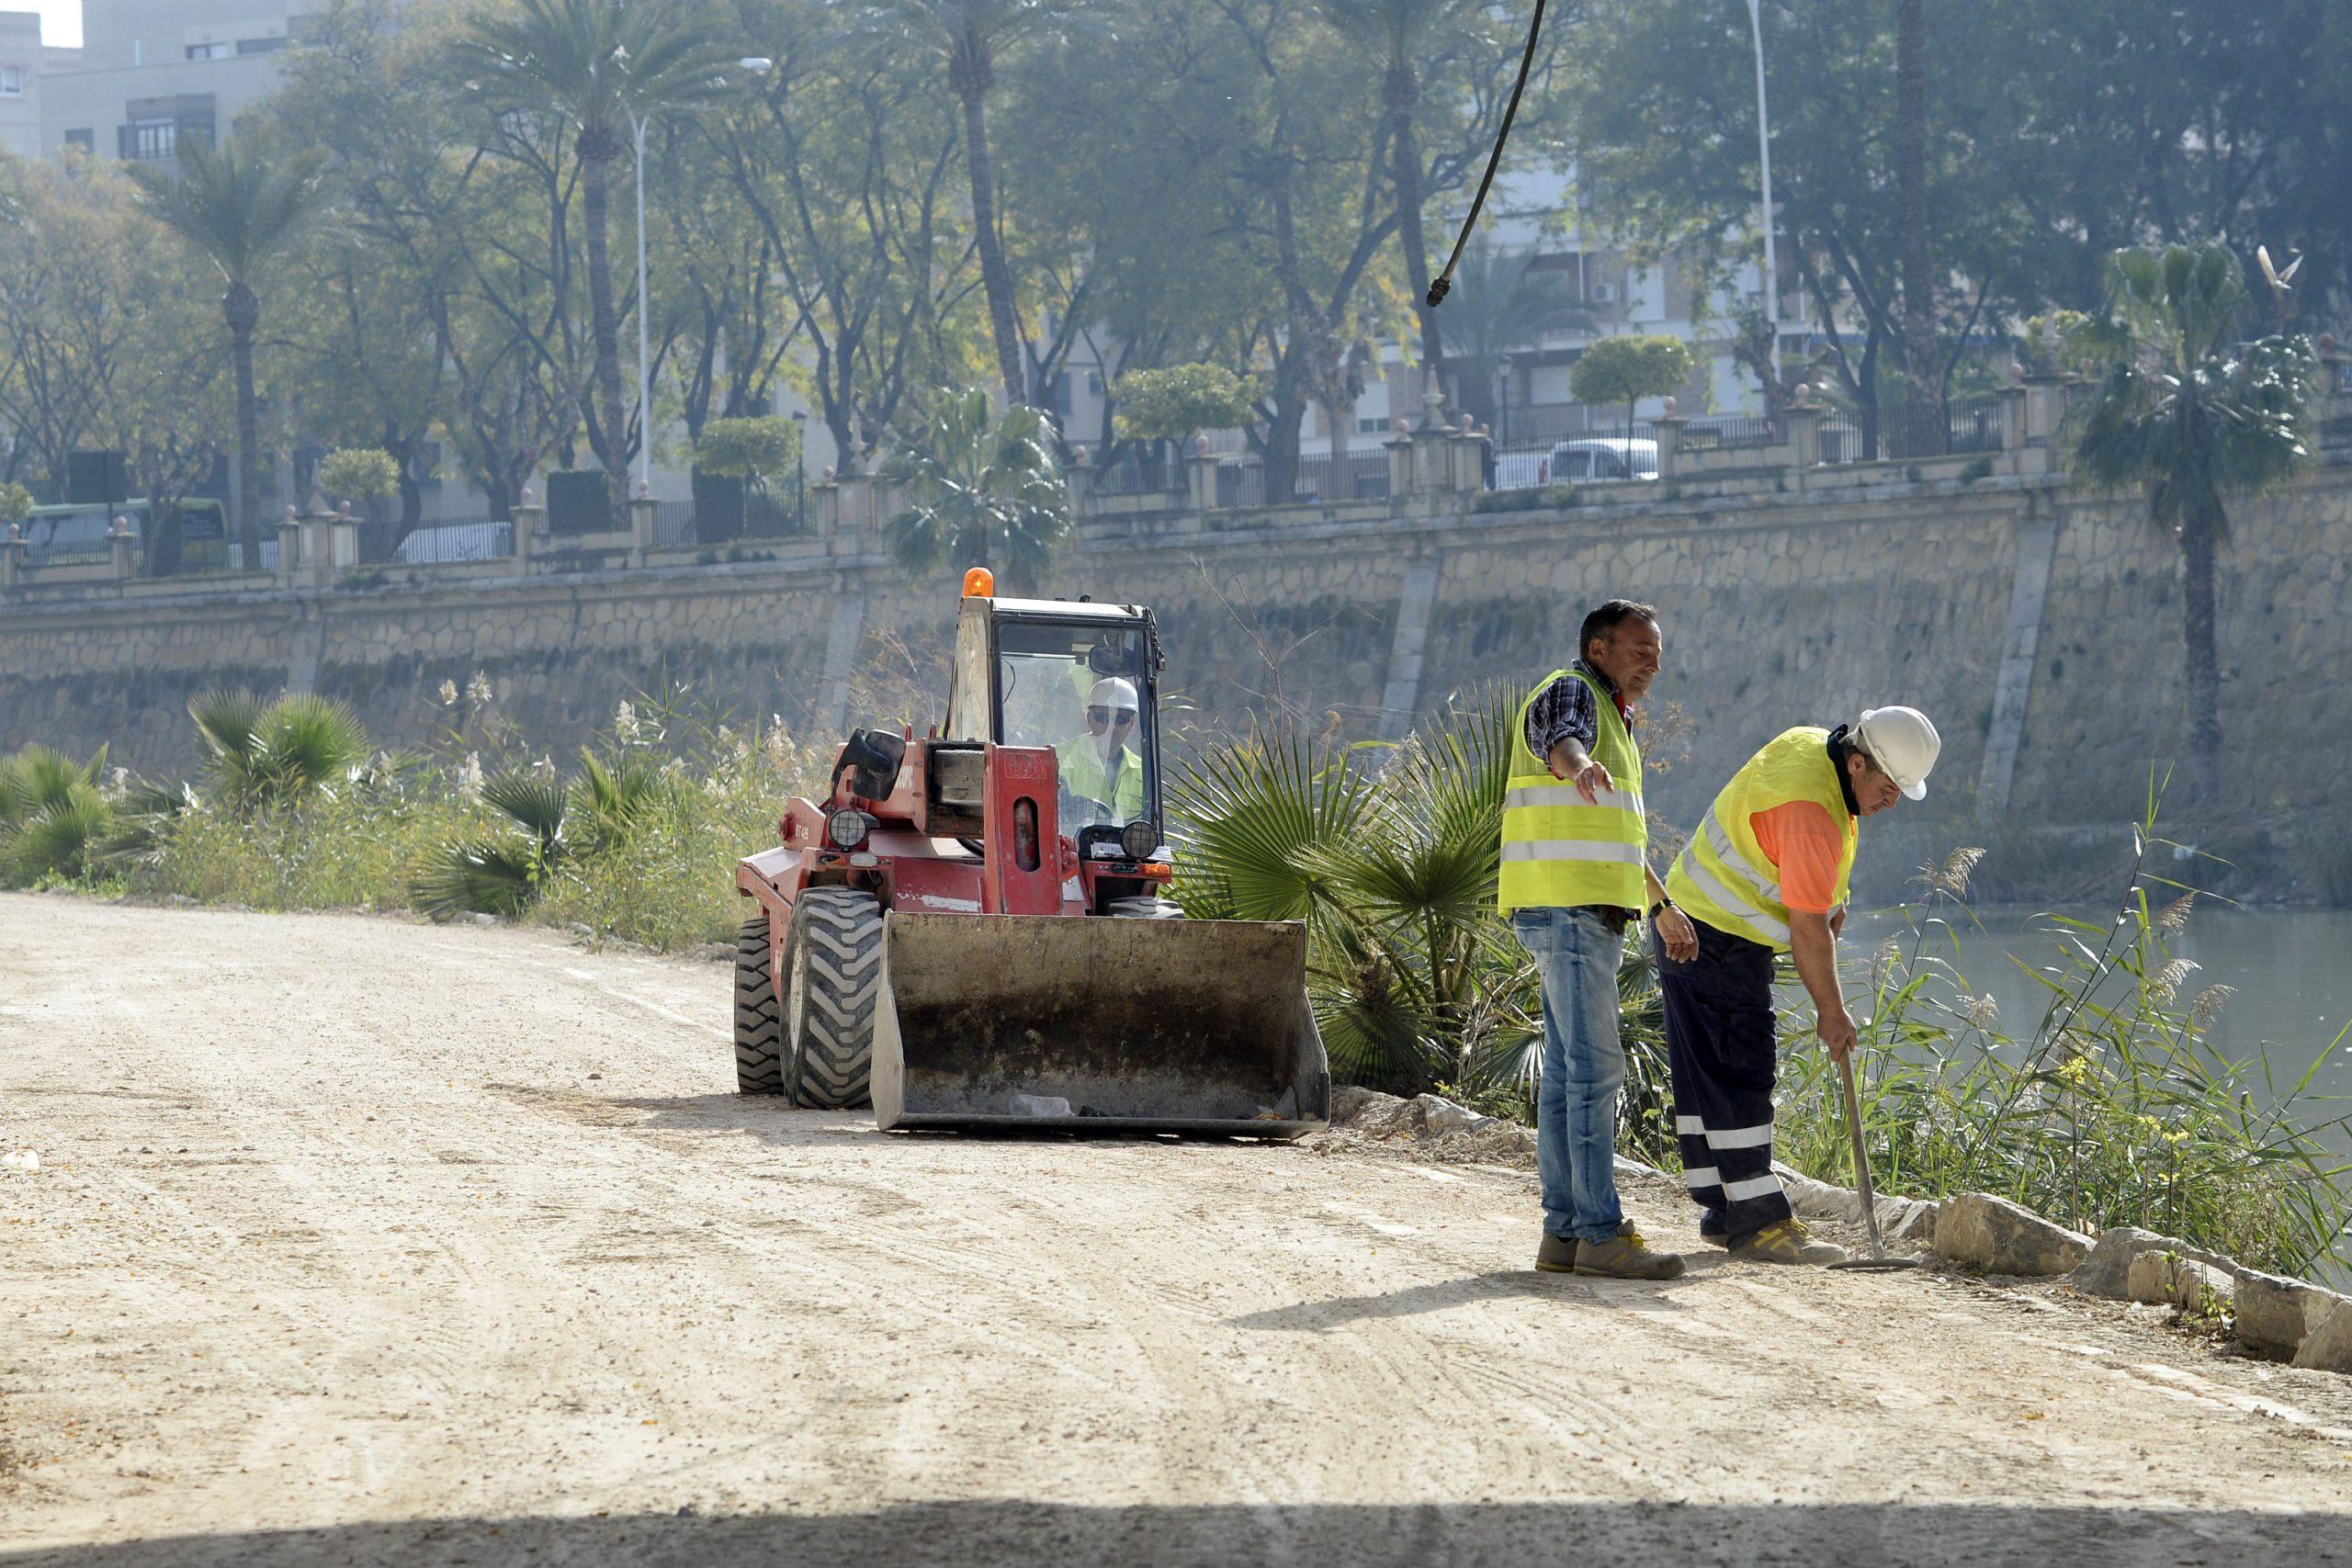 Seis informes jurídicos y económicos avalan la condición de Urbamusa como medio propio del Ayuntamiento